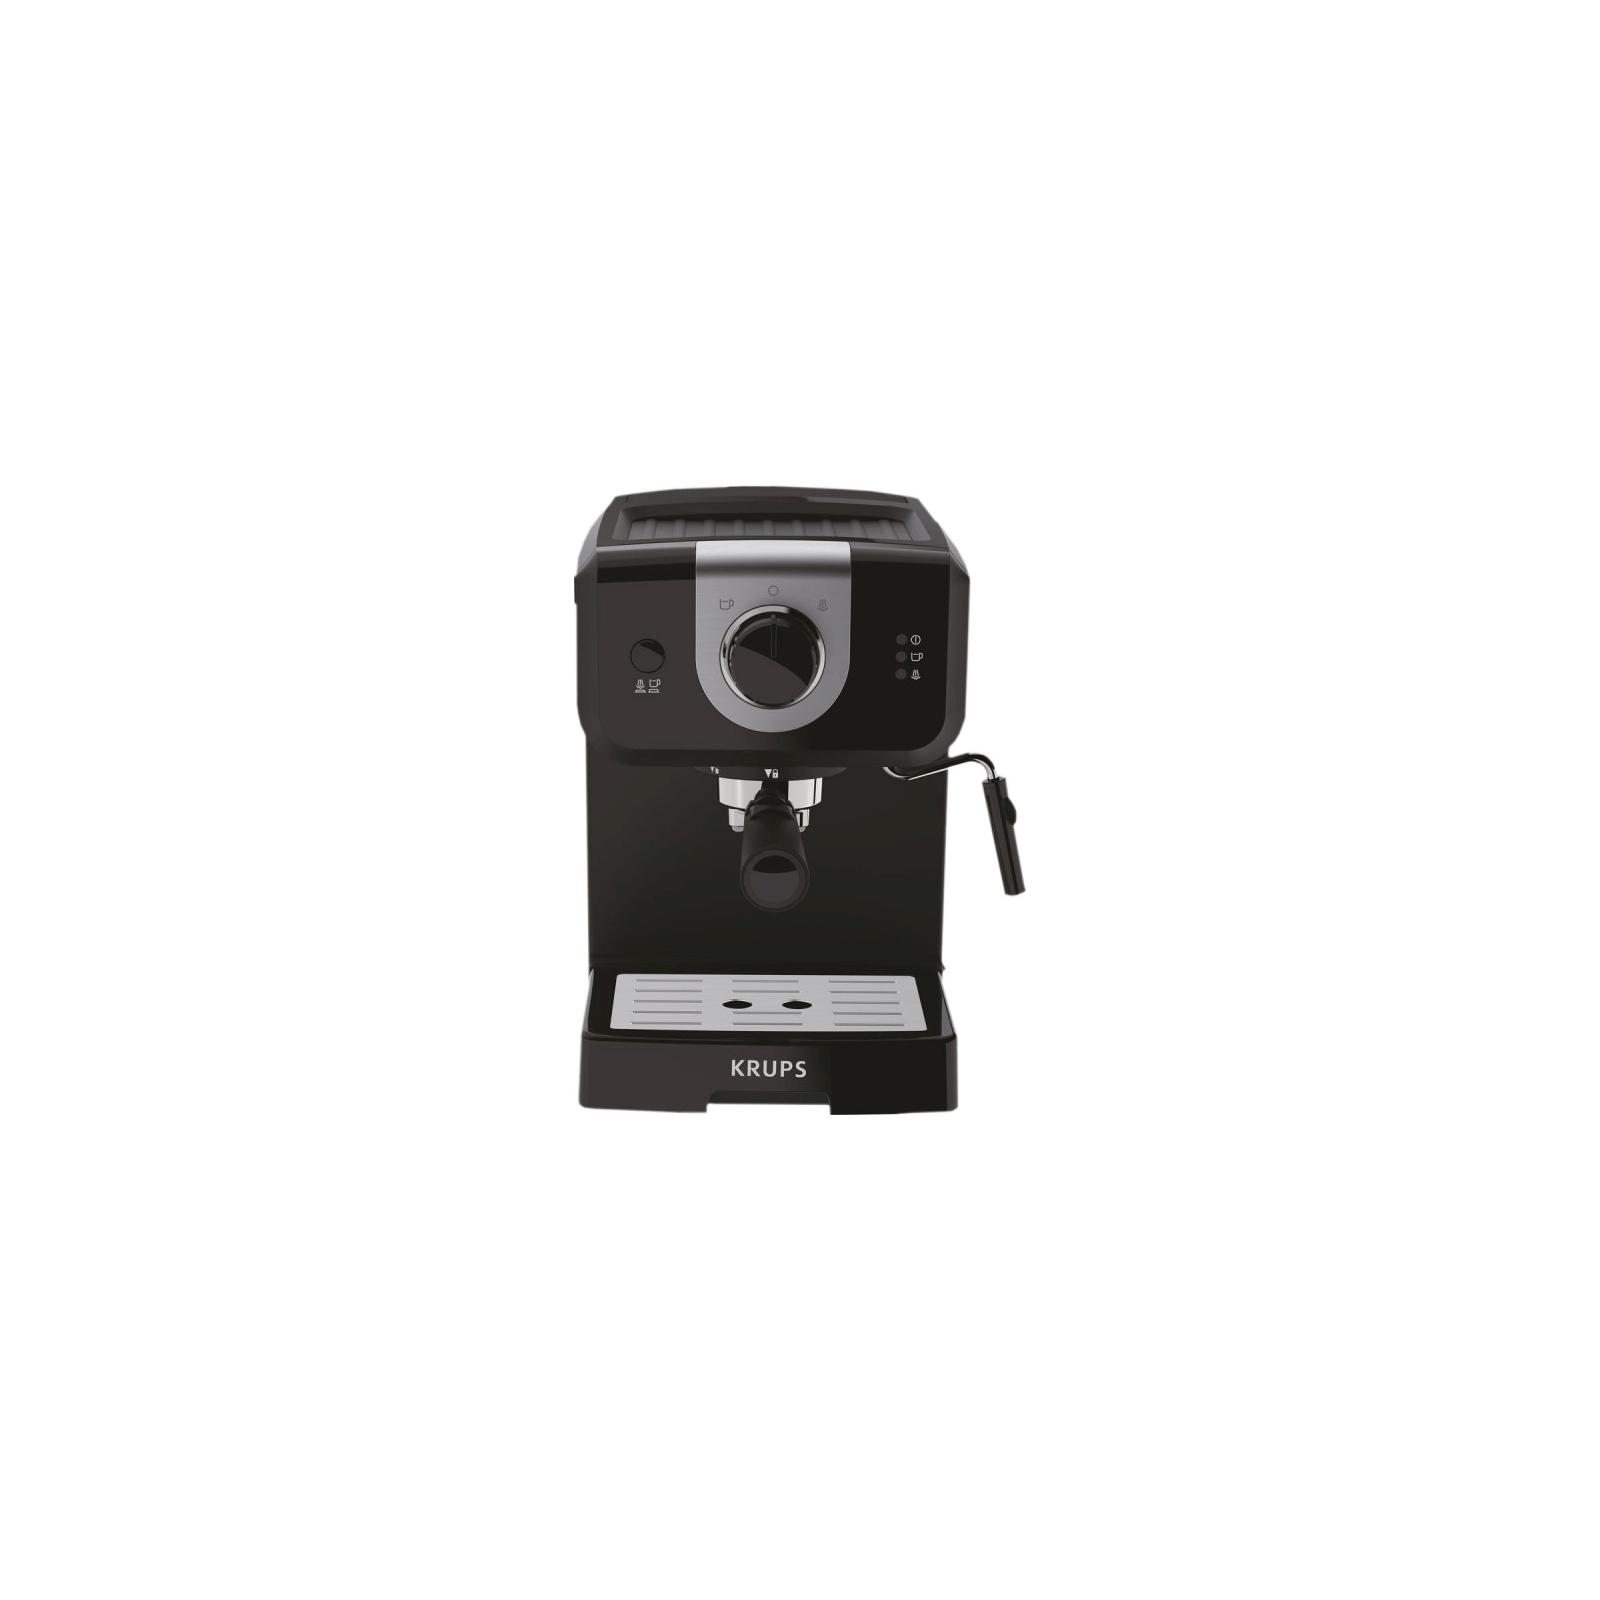 Кофеварка Krups XP320830 изображение 2